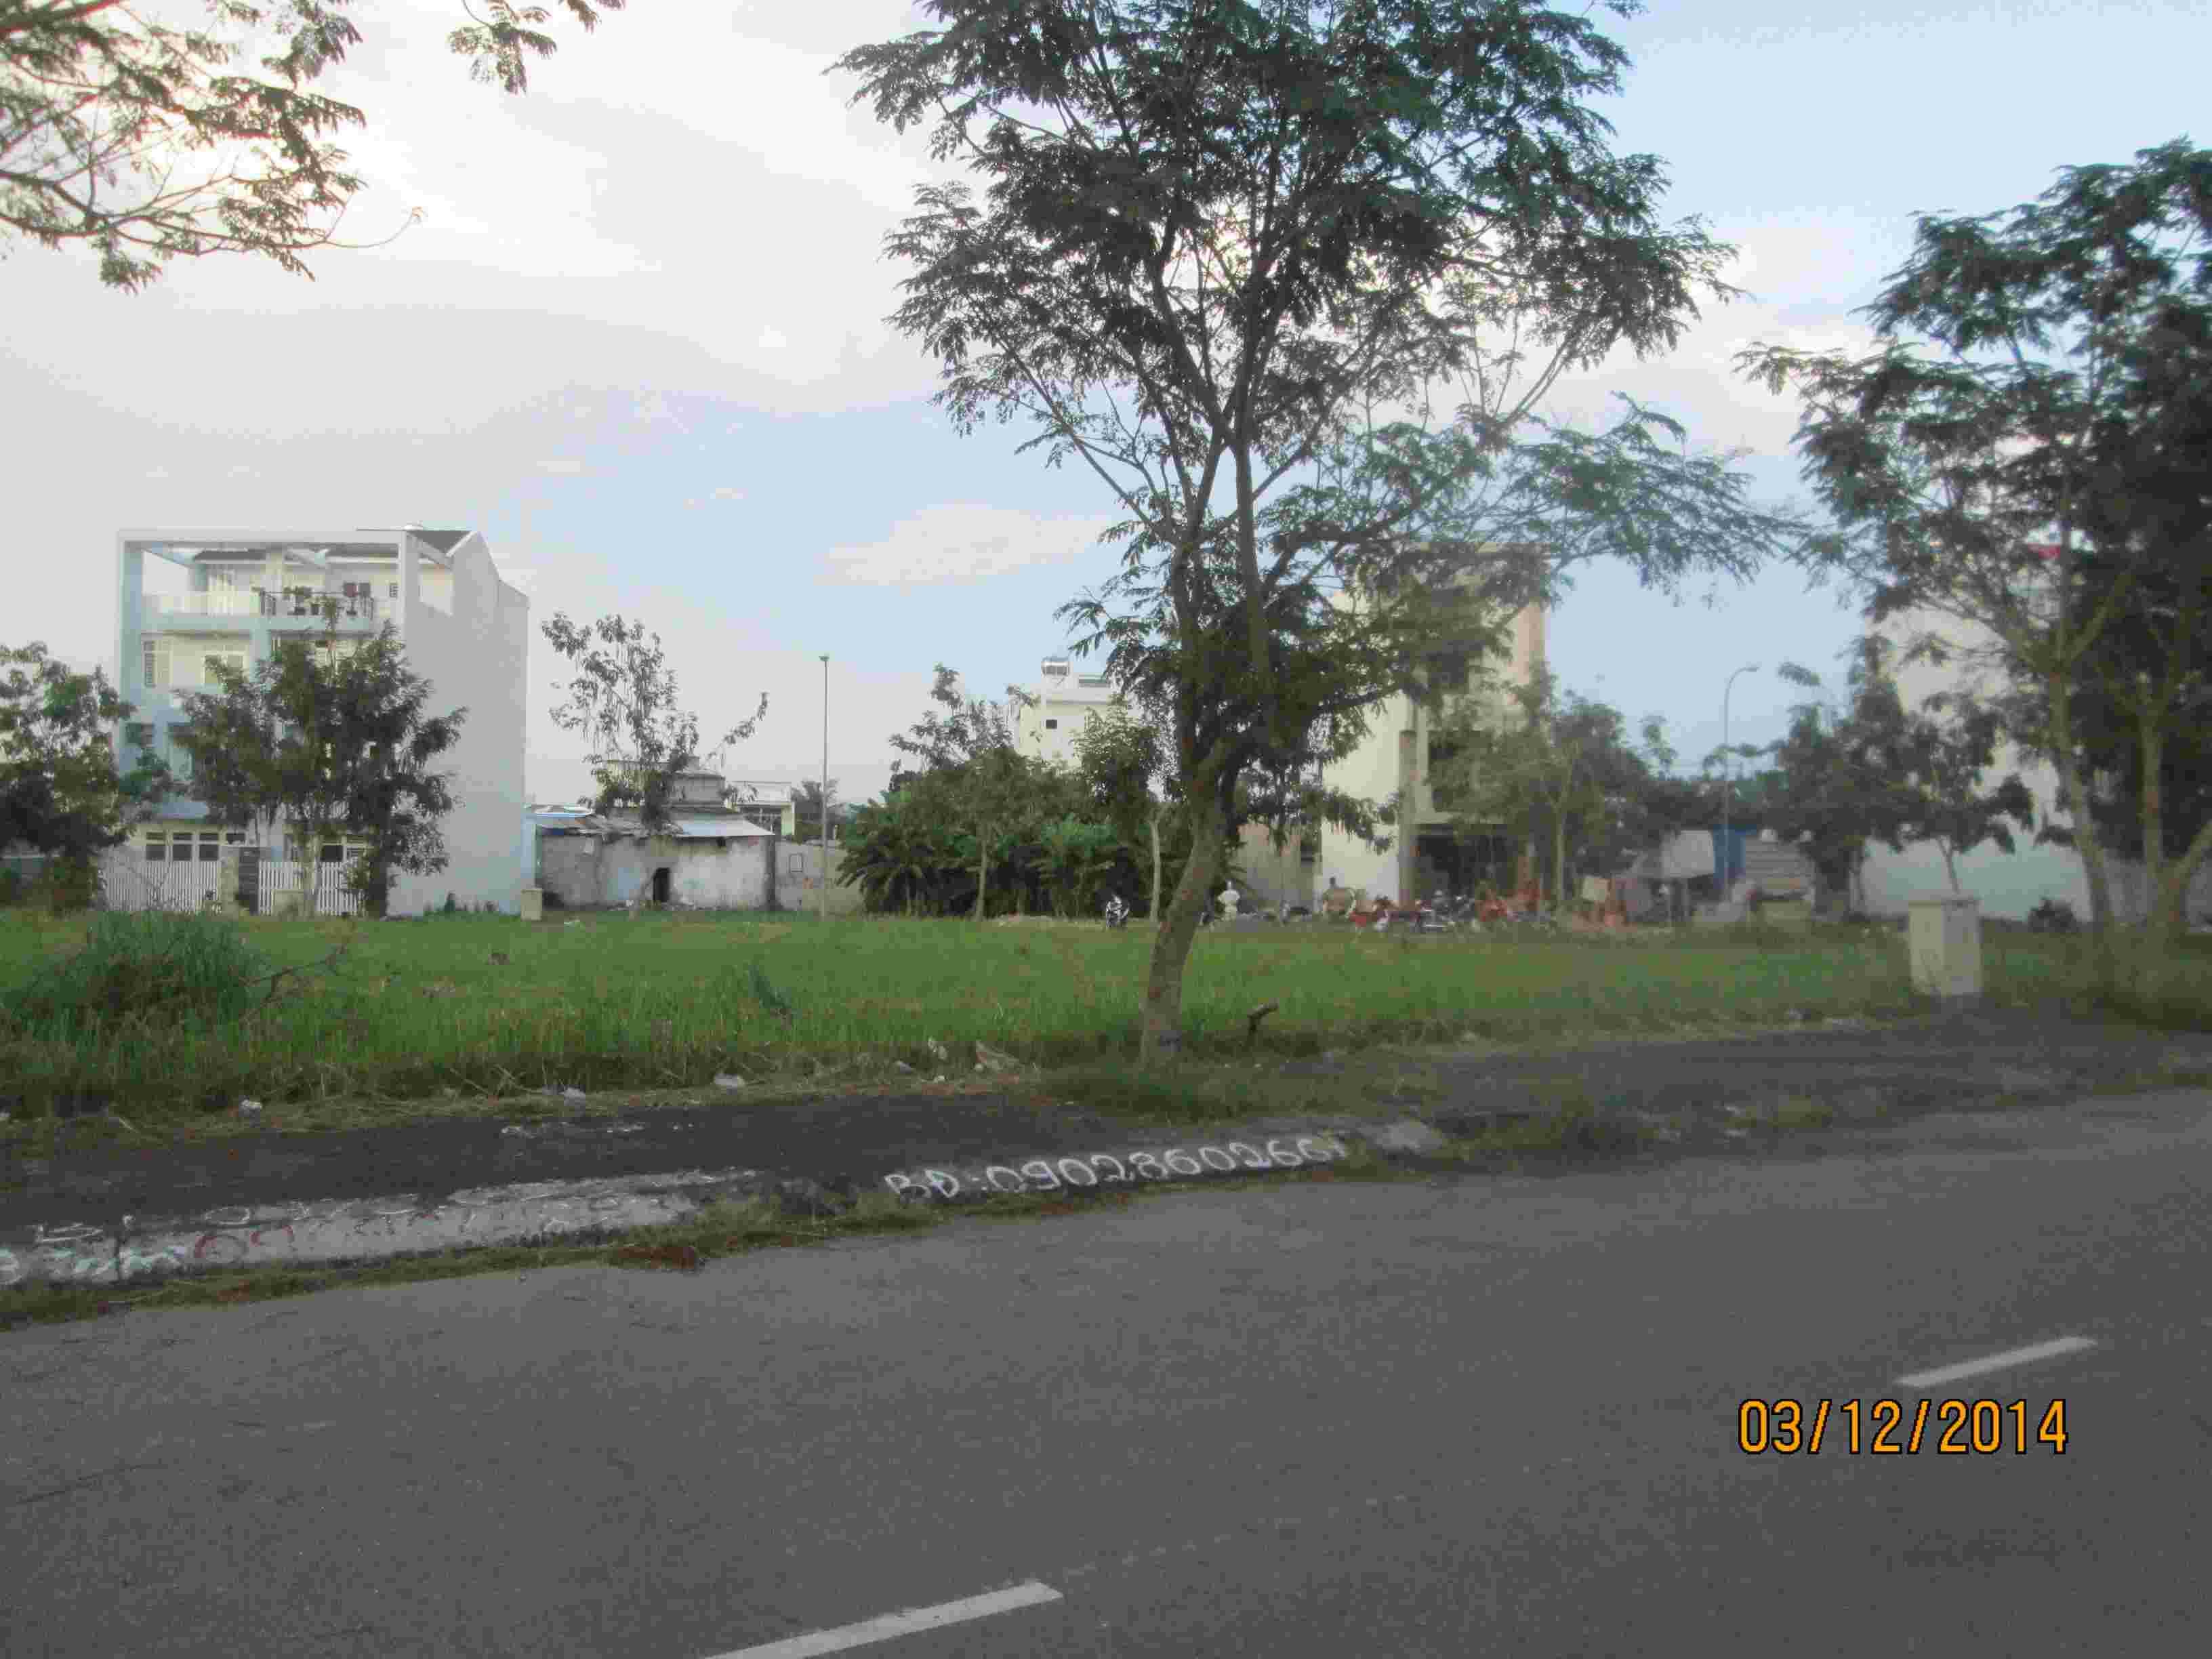 Bán đất nền biệt thự Sadeco Phước Kiển A, mặt tiền đường 16m, lô F6, 200m2, giá 52 triệu/m2. LH:0913.050.053